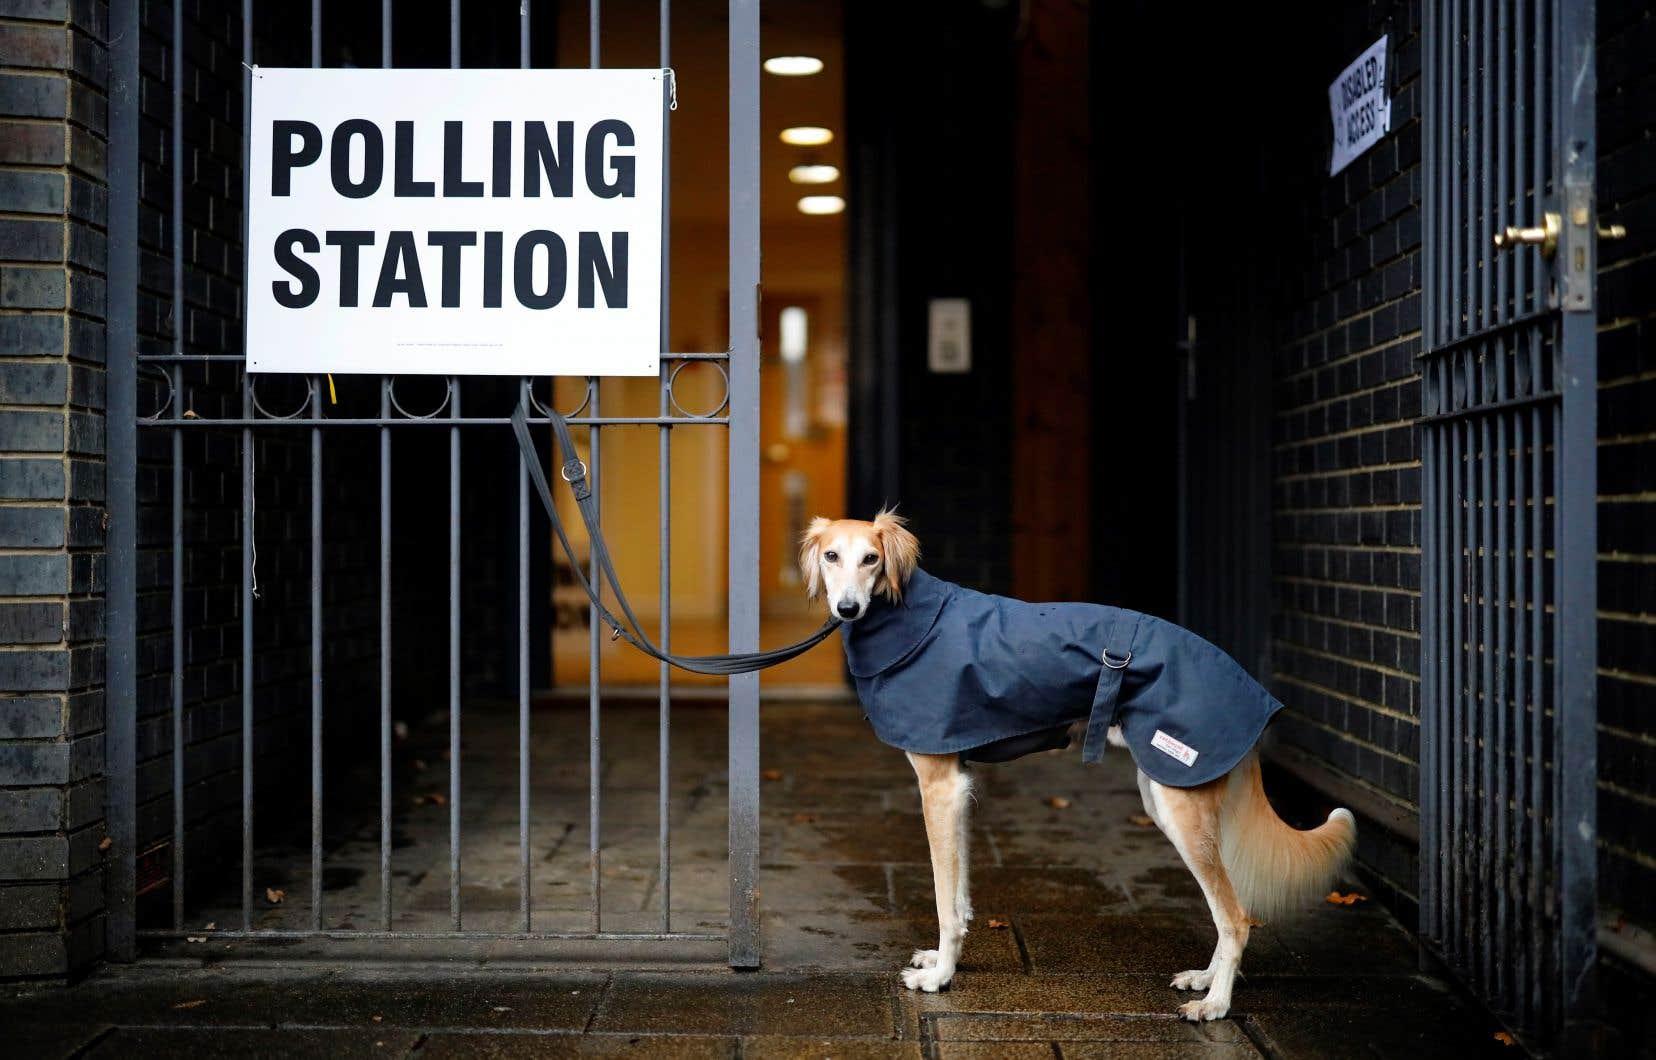 Les bureaux de vote britanniques doivent fermer à 22h (17h à Montréal).